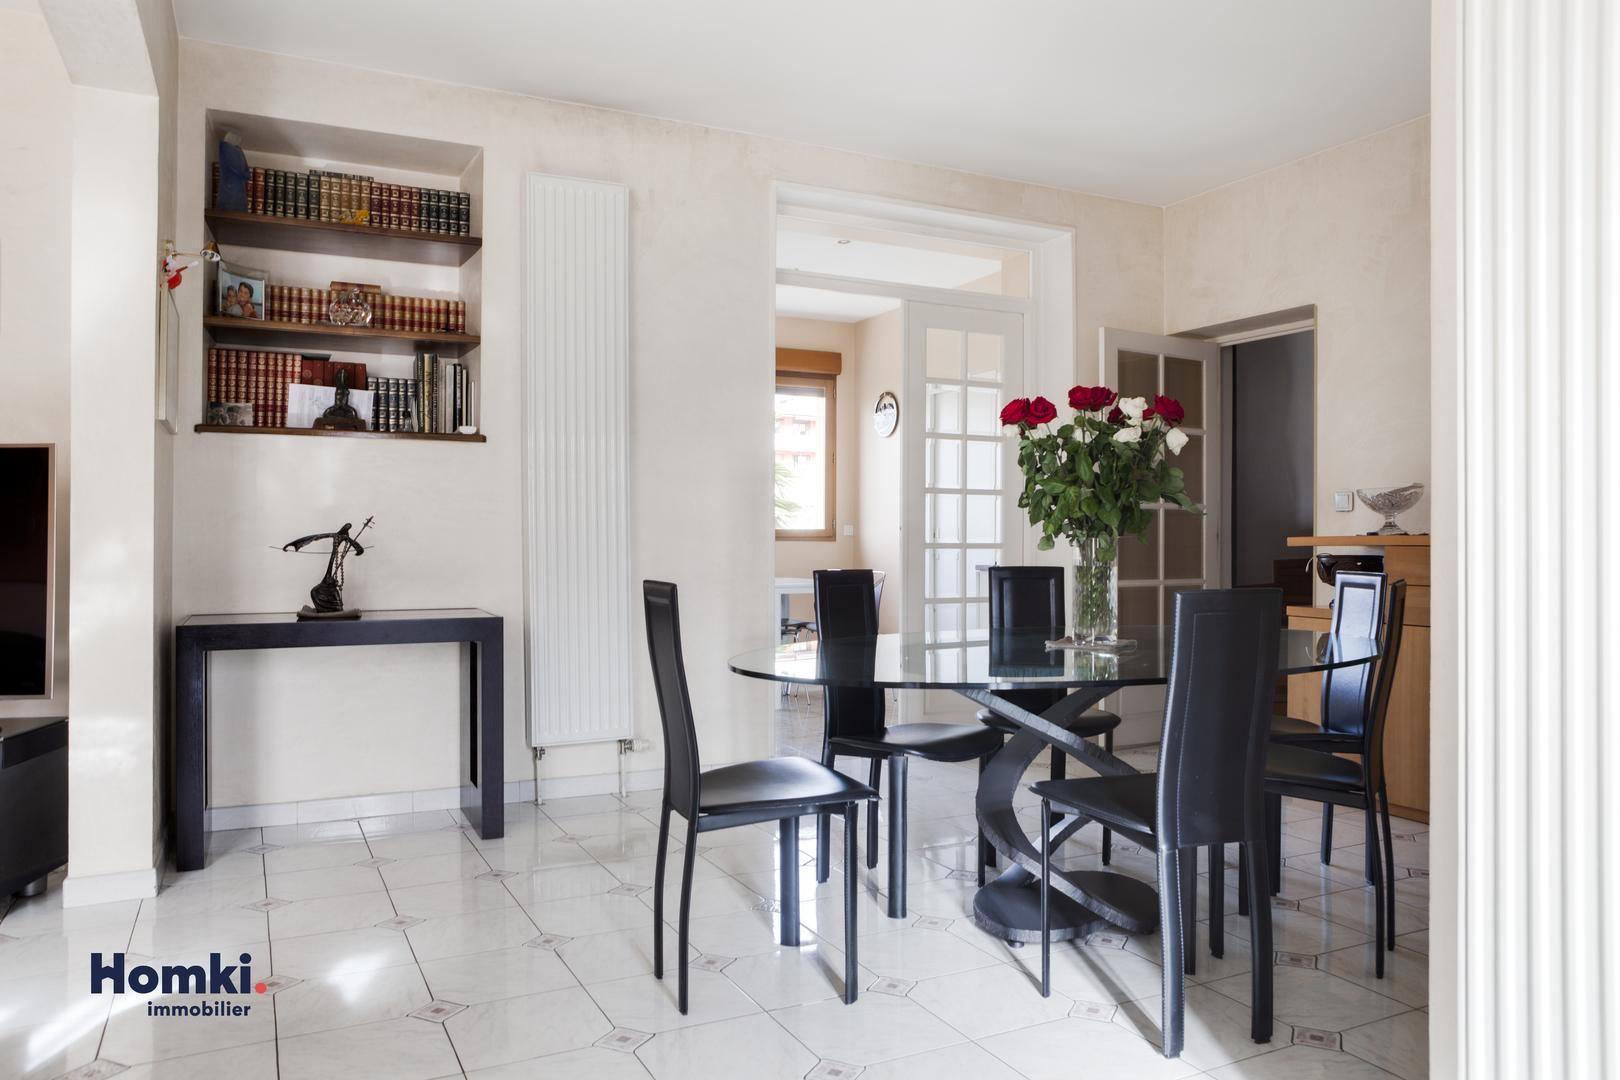 Maison I 150 m² I T4/5 I 69500 | photo 4